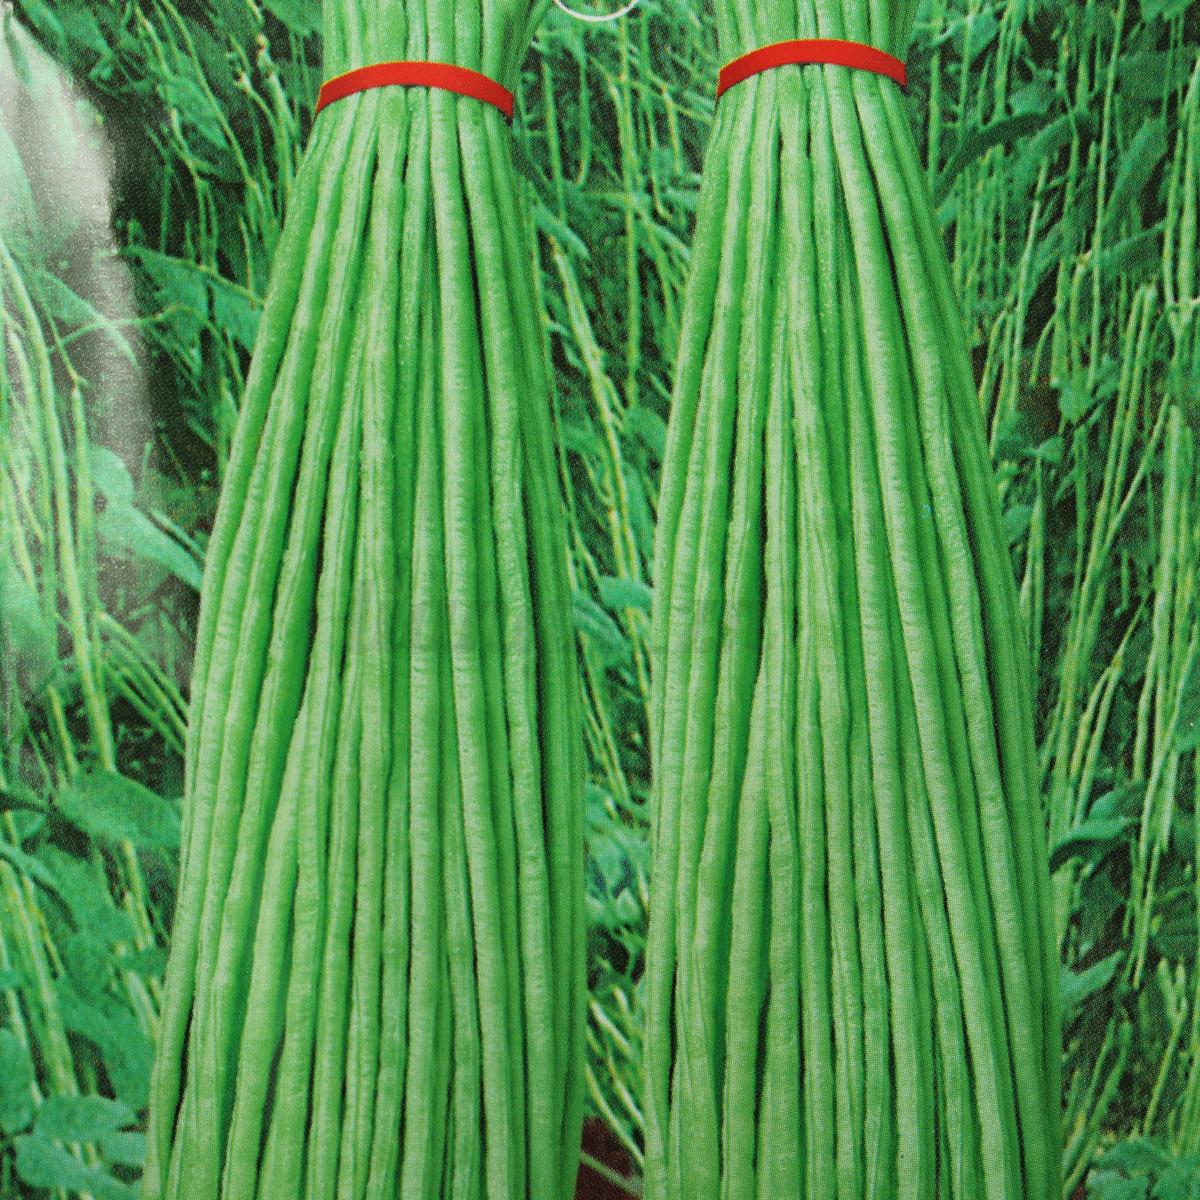 20pcs graines de haricot vert pr coce cowpea seeds vegetables l gumes potager ebay. Black Bedroom Furniture Sets. Home Design Ideas